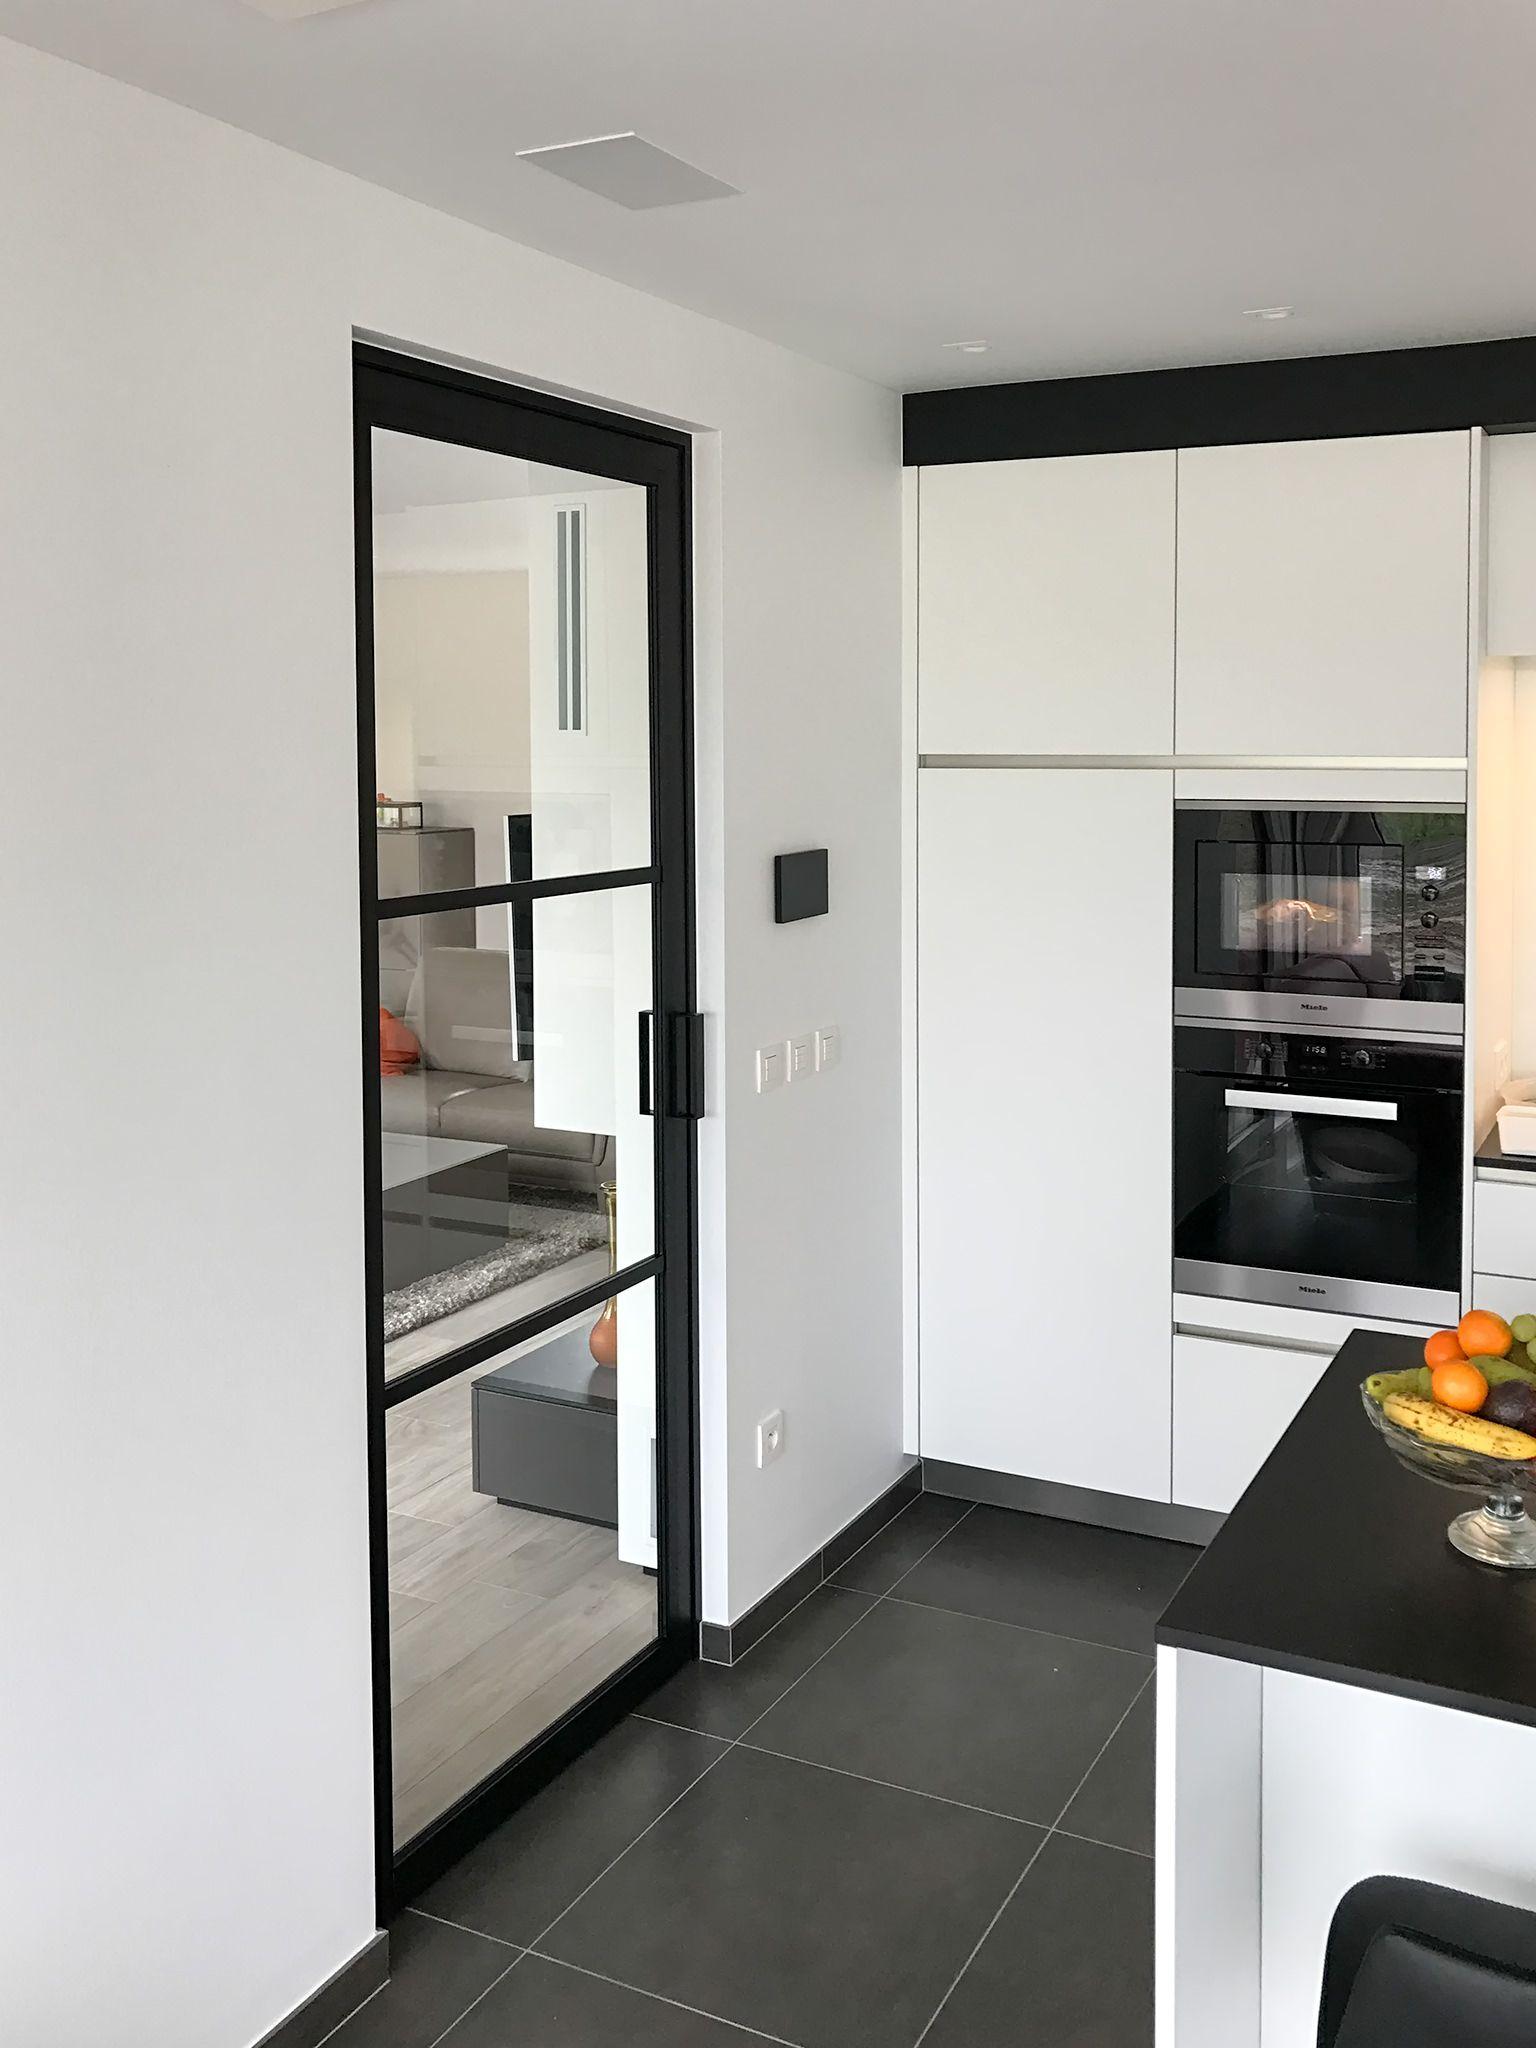 Moderne stalen deur tussen keuken en woonkamer | inkomhal ...